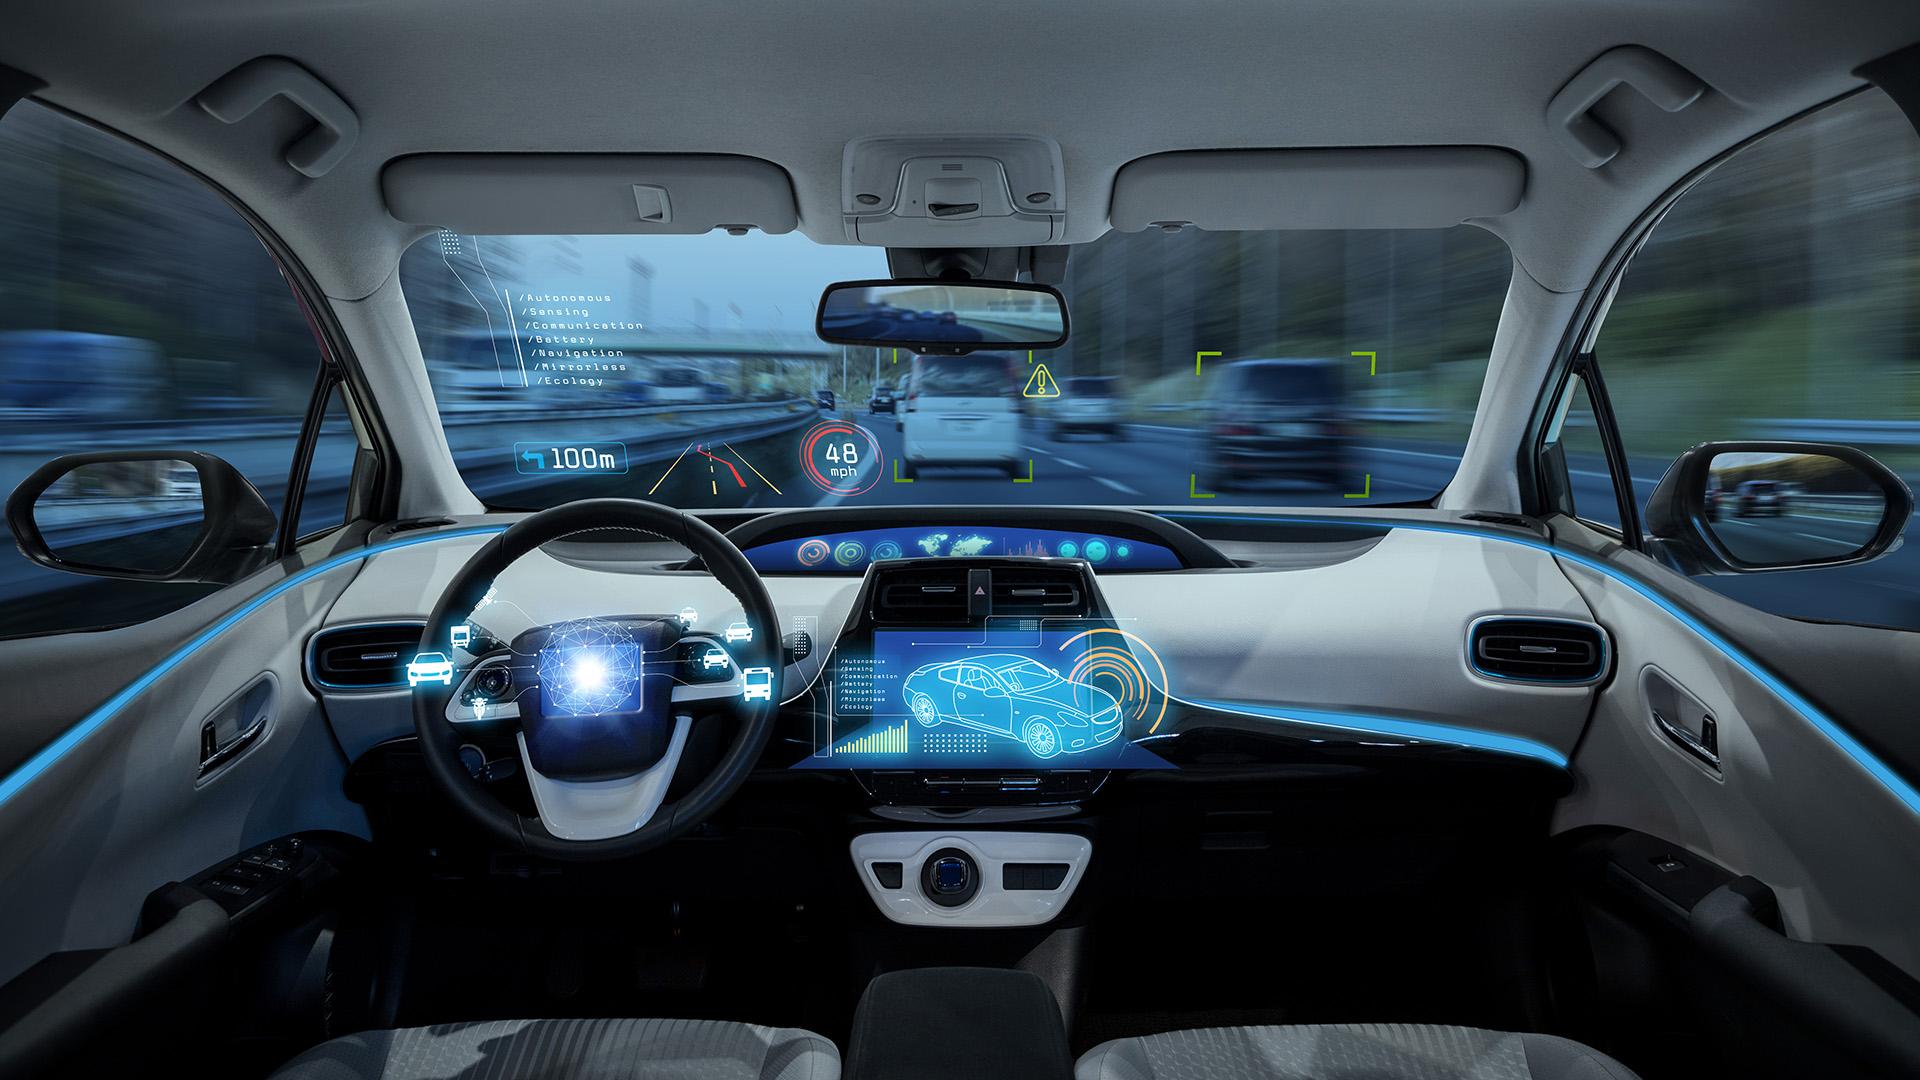 پتنت های جدید در رابطه با رانندگی خودکار